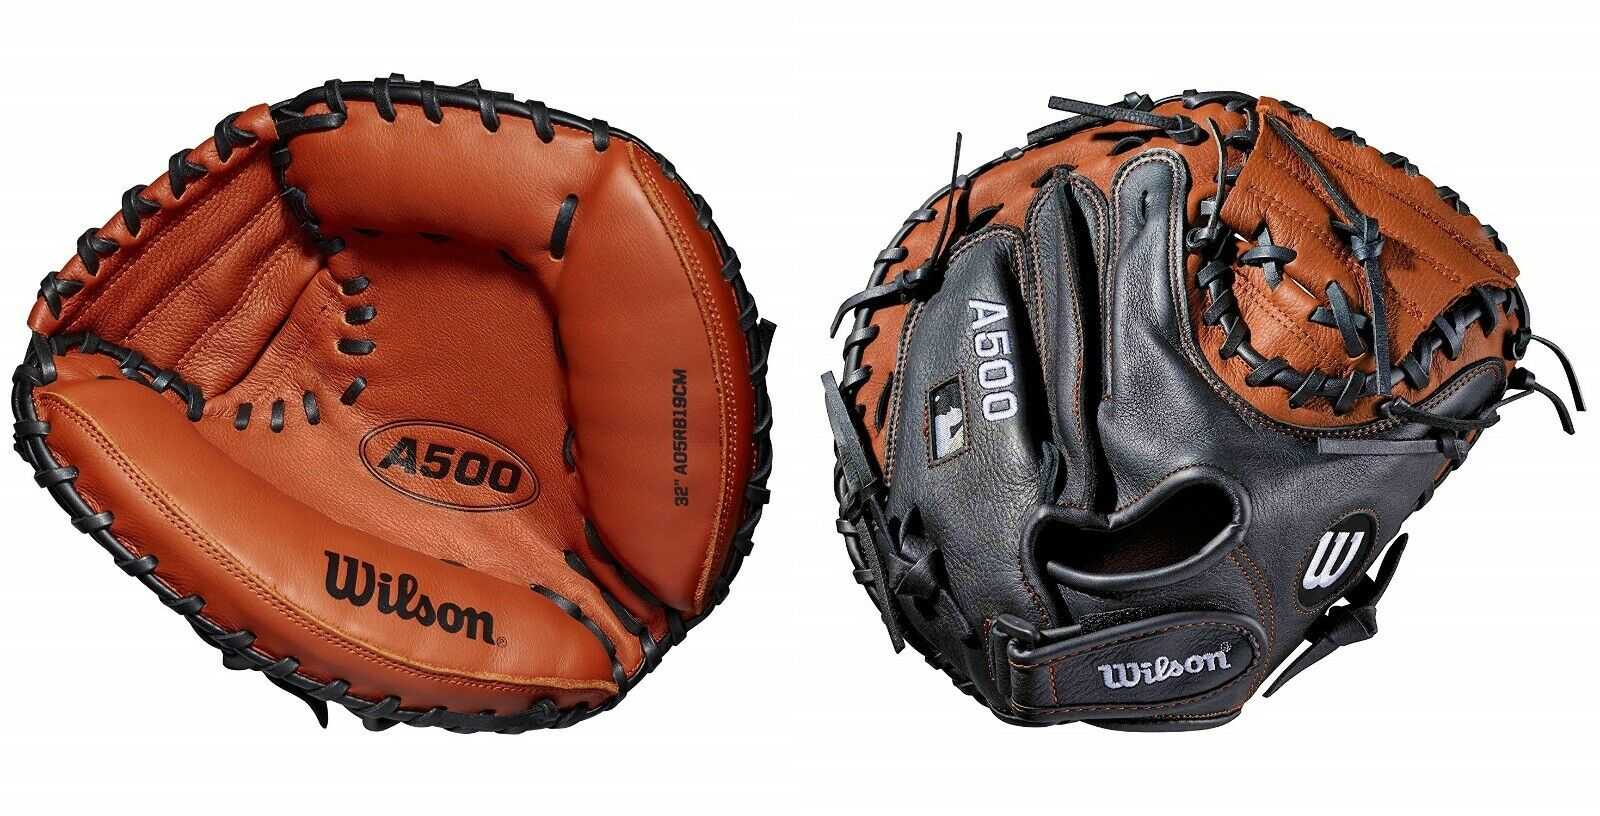 Wilson 2019 A500 Béisbol Guante de catcher  Junior De Cuero 32 , 10-13 años de edad, lanzador de mano derecha  ventas en linea